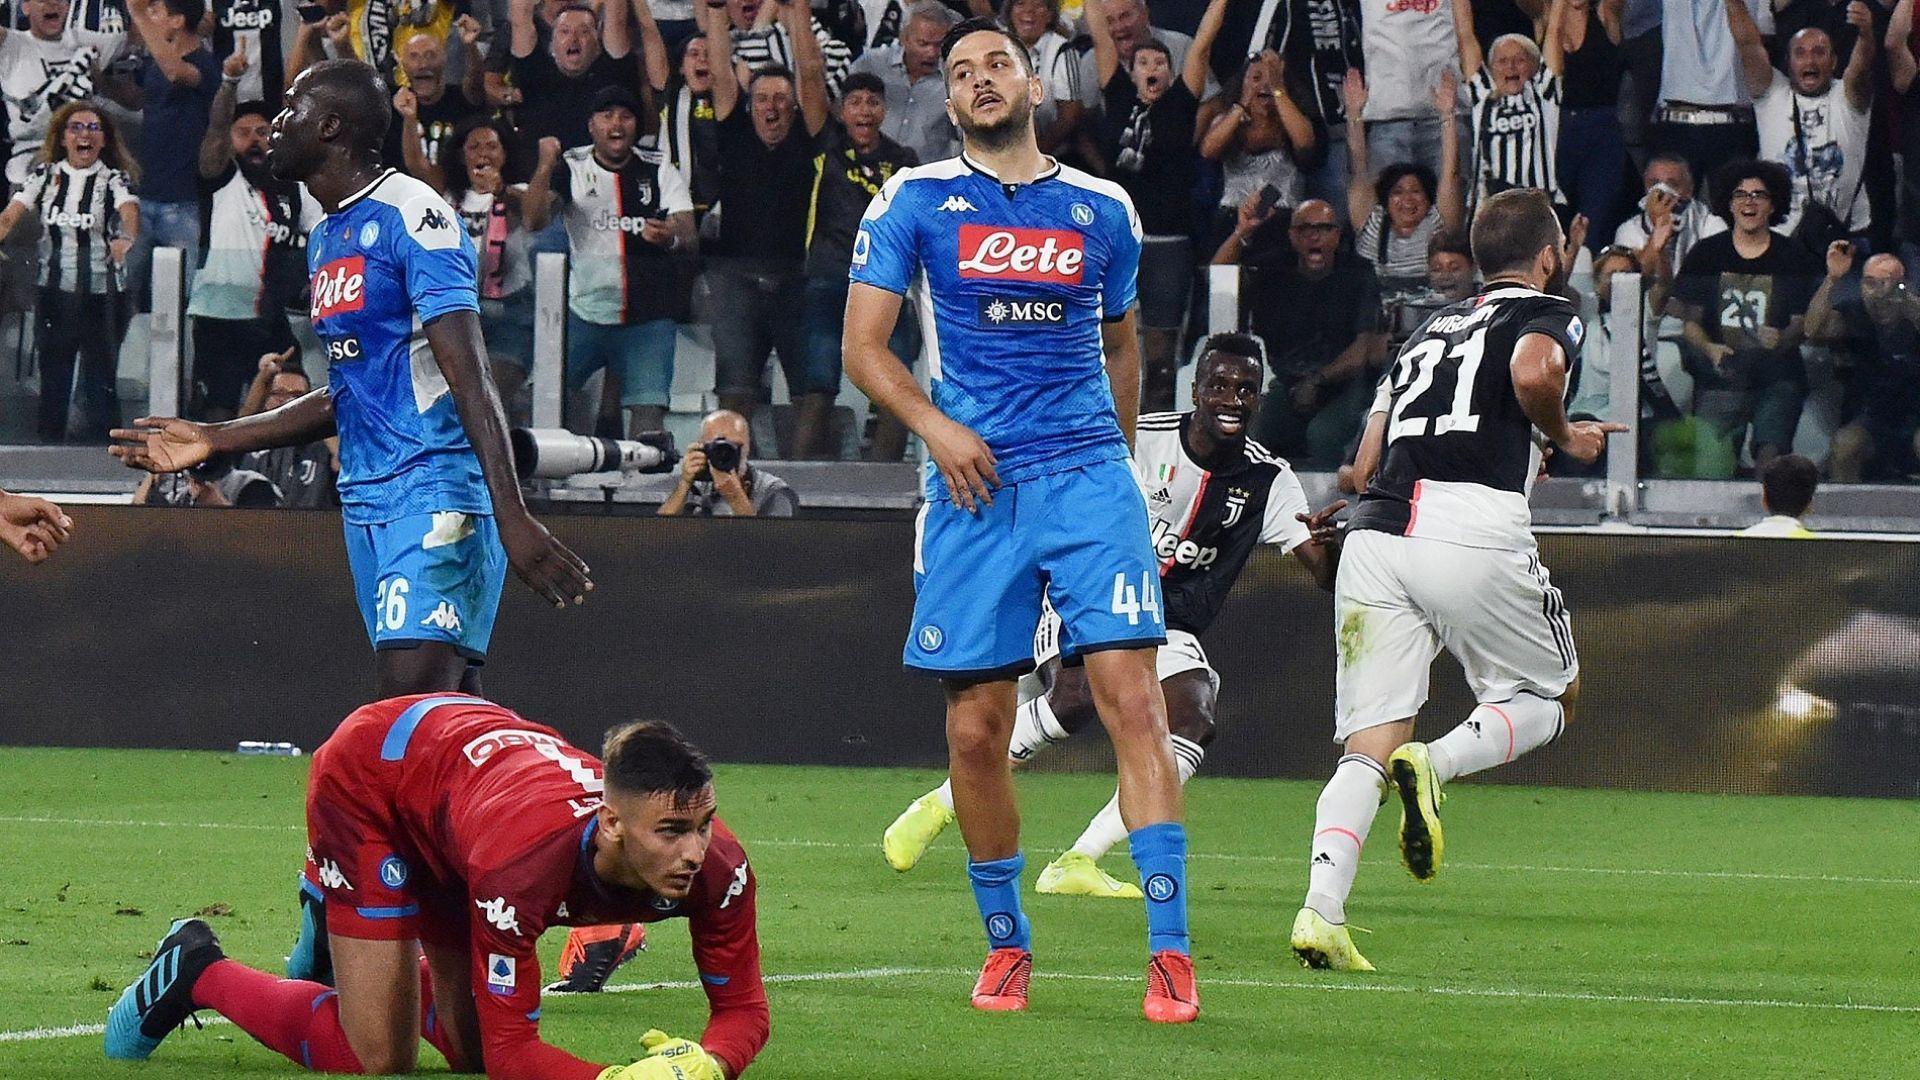 Трилър в Торино: Нелеп автогол съсипа Наполи в шоу срещу Ювентус